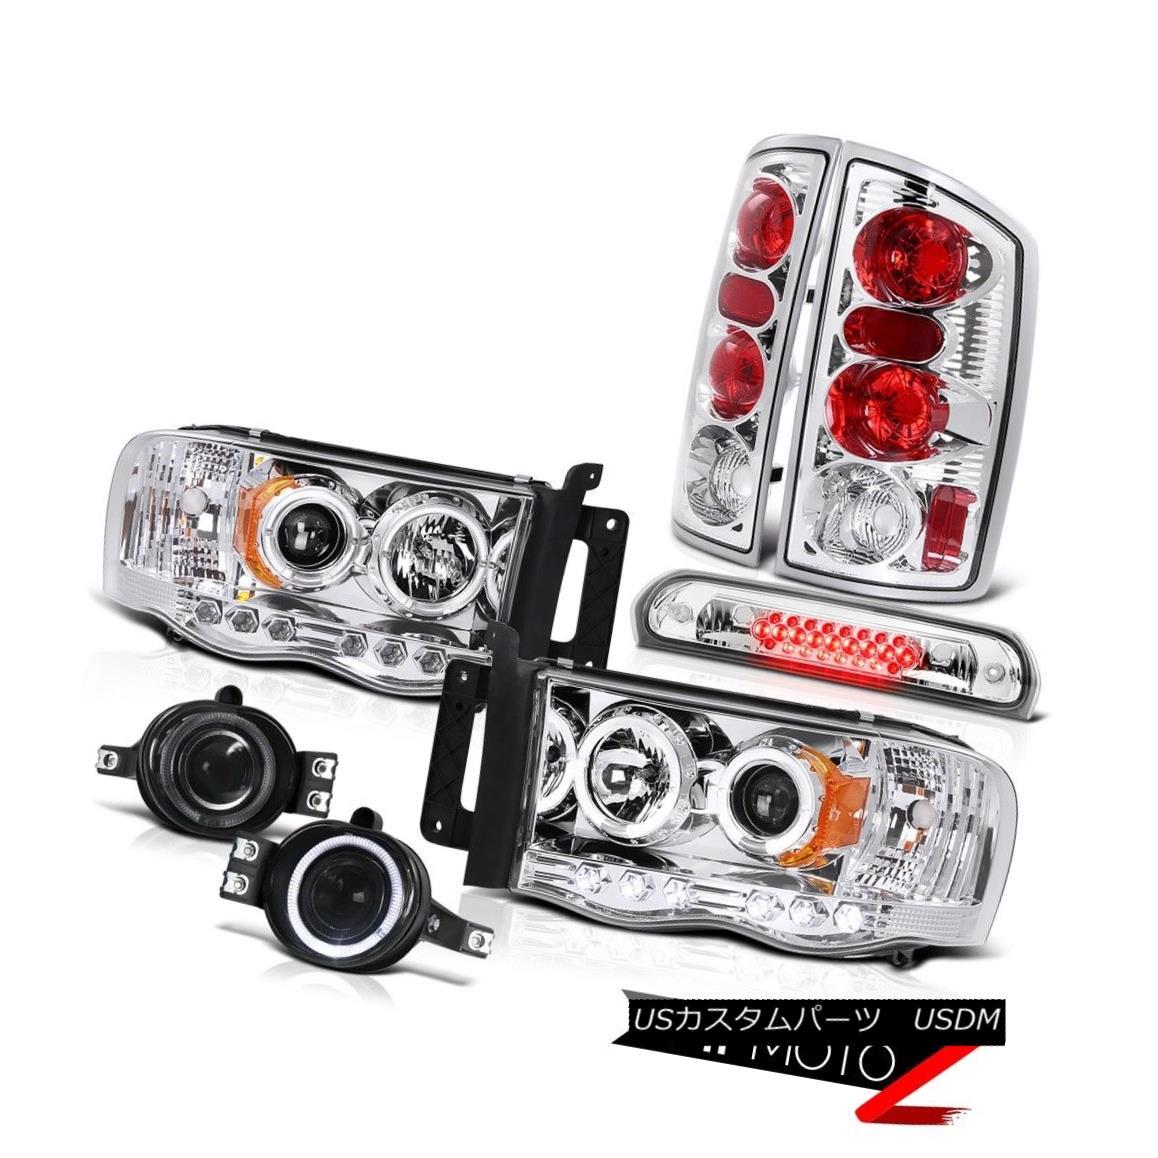 テールライト 02-05 Dodge Ram LED Headlights Signal Tail Lamps Projector Foglights High Stop 02-05 Dodge Ram LEDヘッドライト信号テールランププロジェクターフォグライトハイストップ